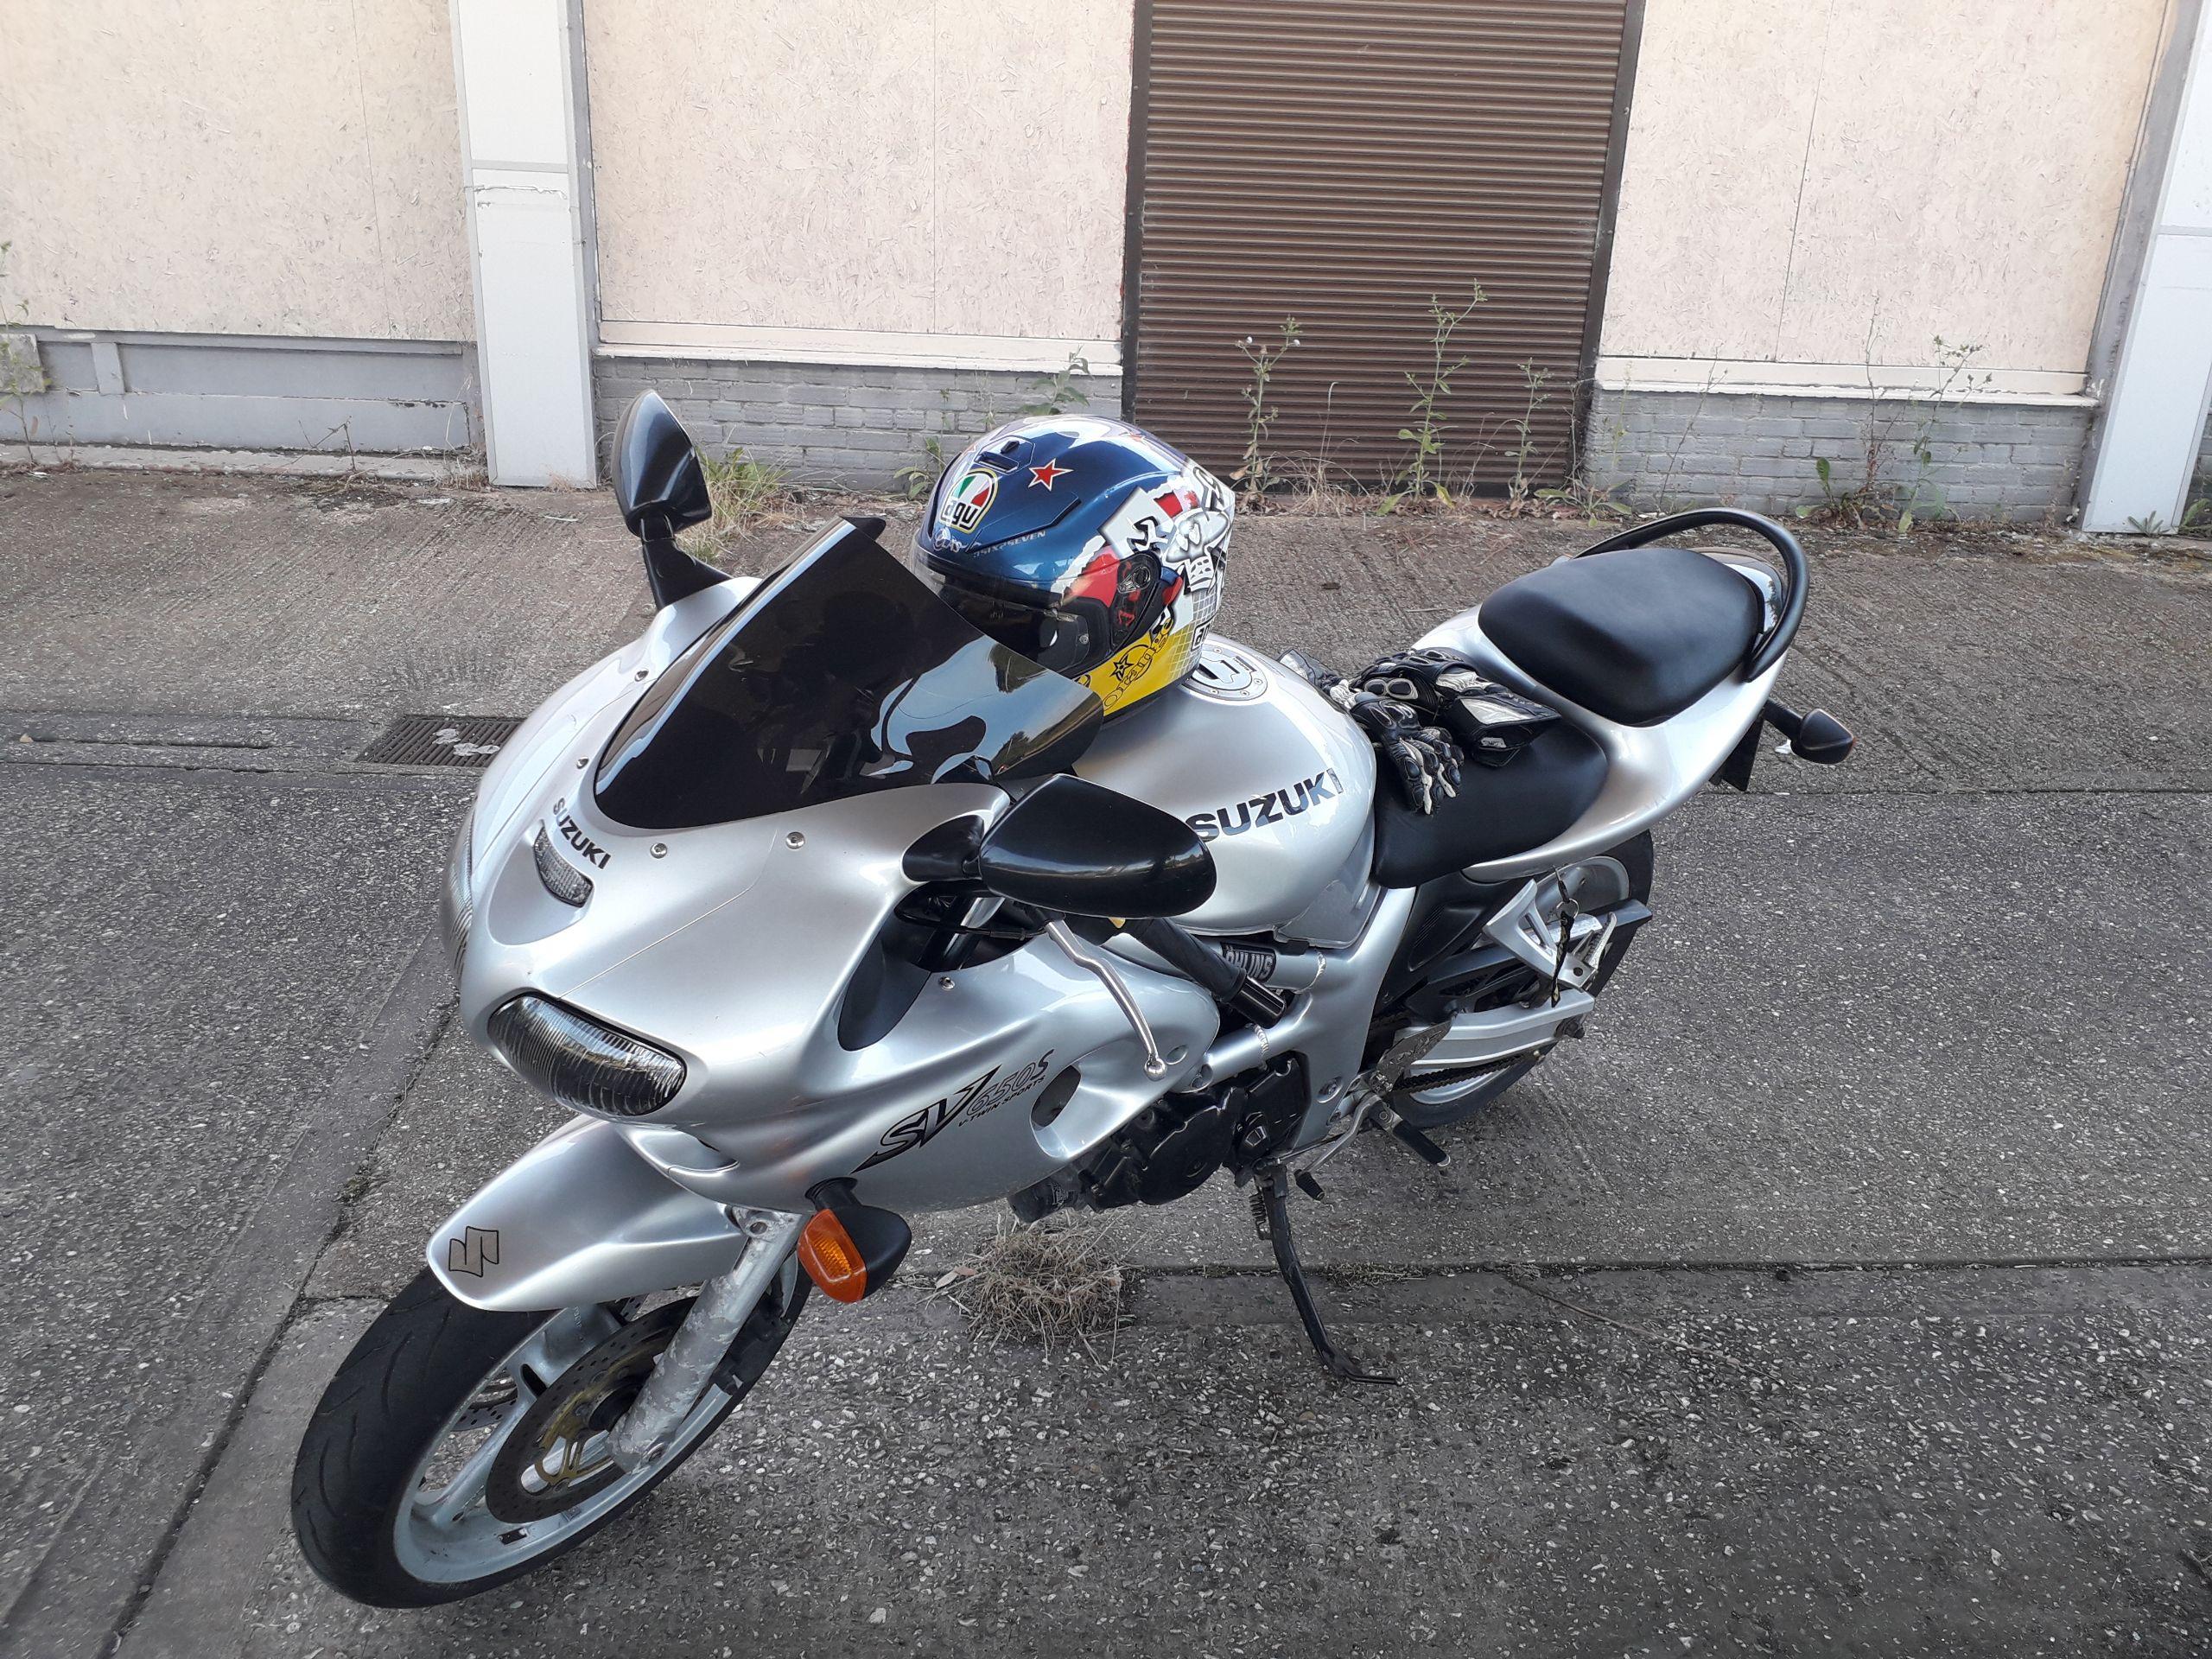 Suzuki SV650S – NATHANAEL 1